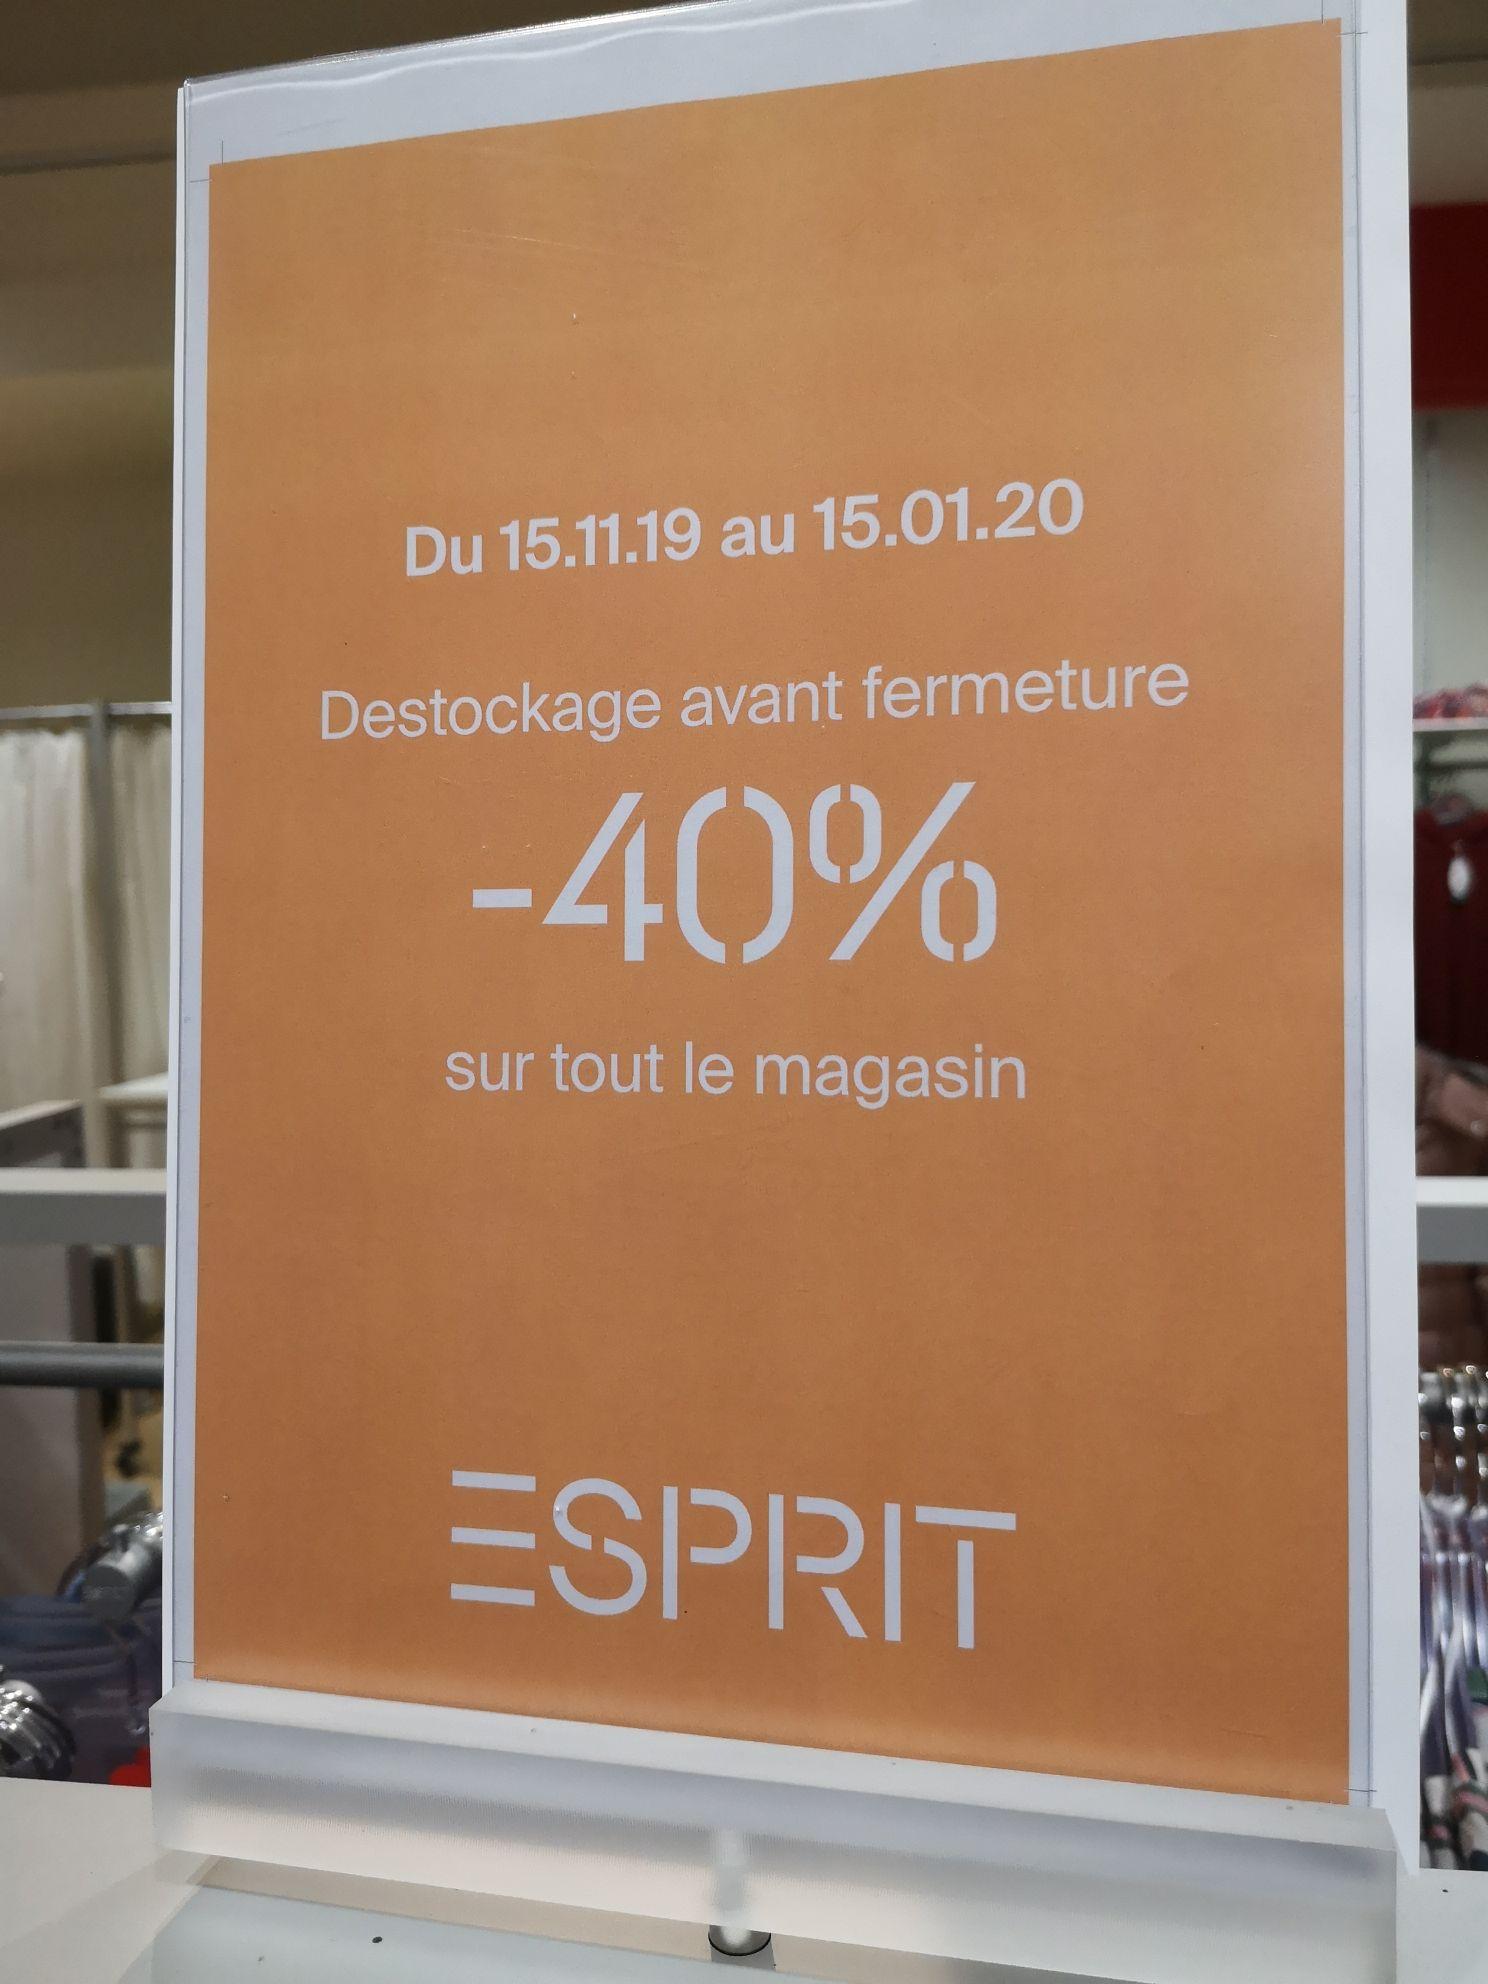 40% de réduction sur tout le magasin Esprit - Aubiere (63)